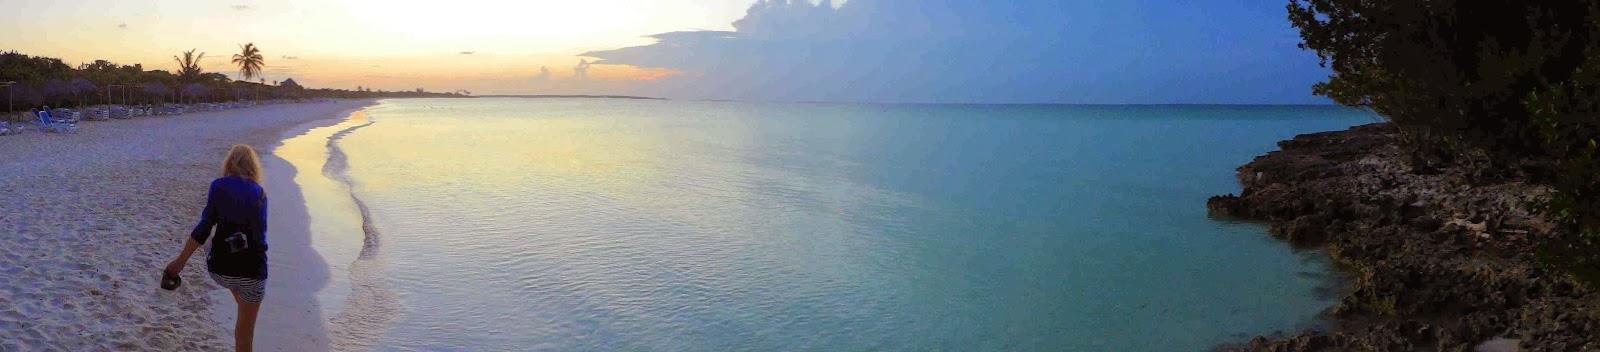 Iberostar Ensenachos; review; Iberostar; Cuba; travel;  playa ensenachos